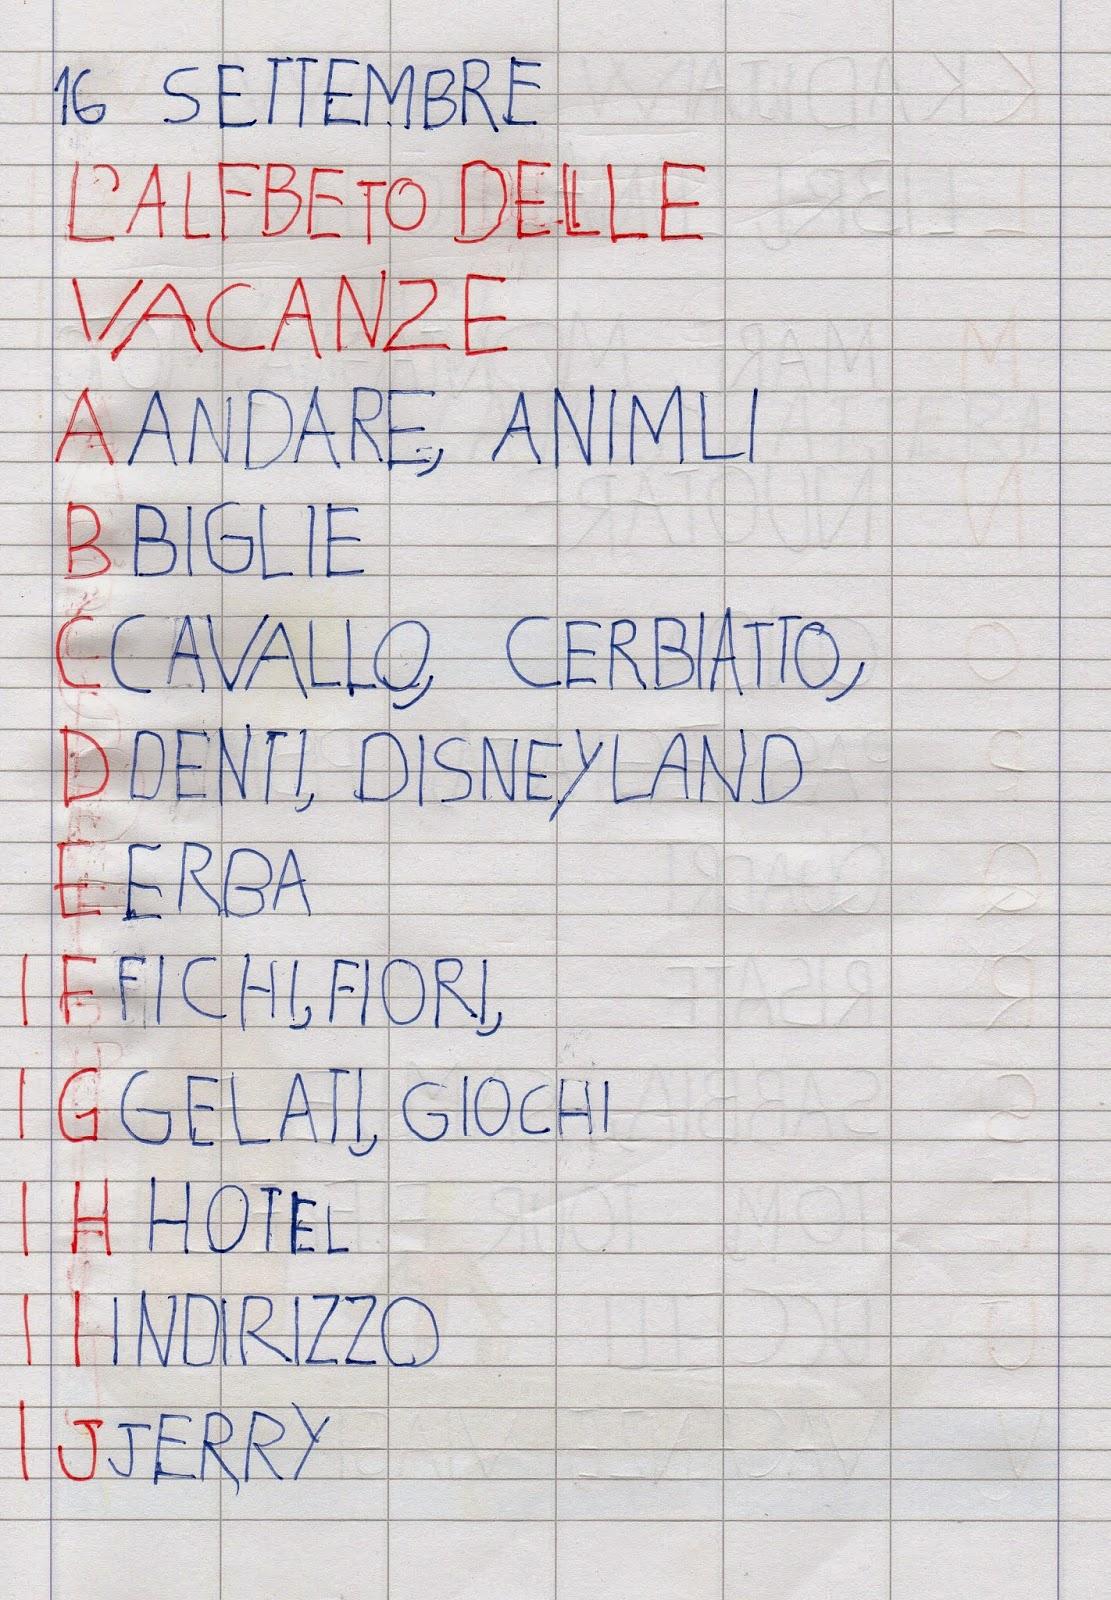 Assez APEdario: L'alfabeto delle vacanze, un anno dopo WA73